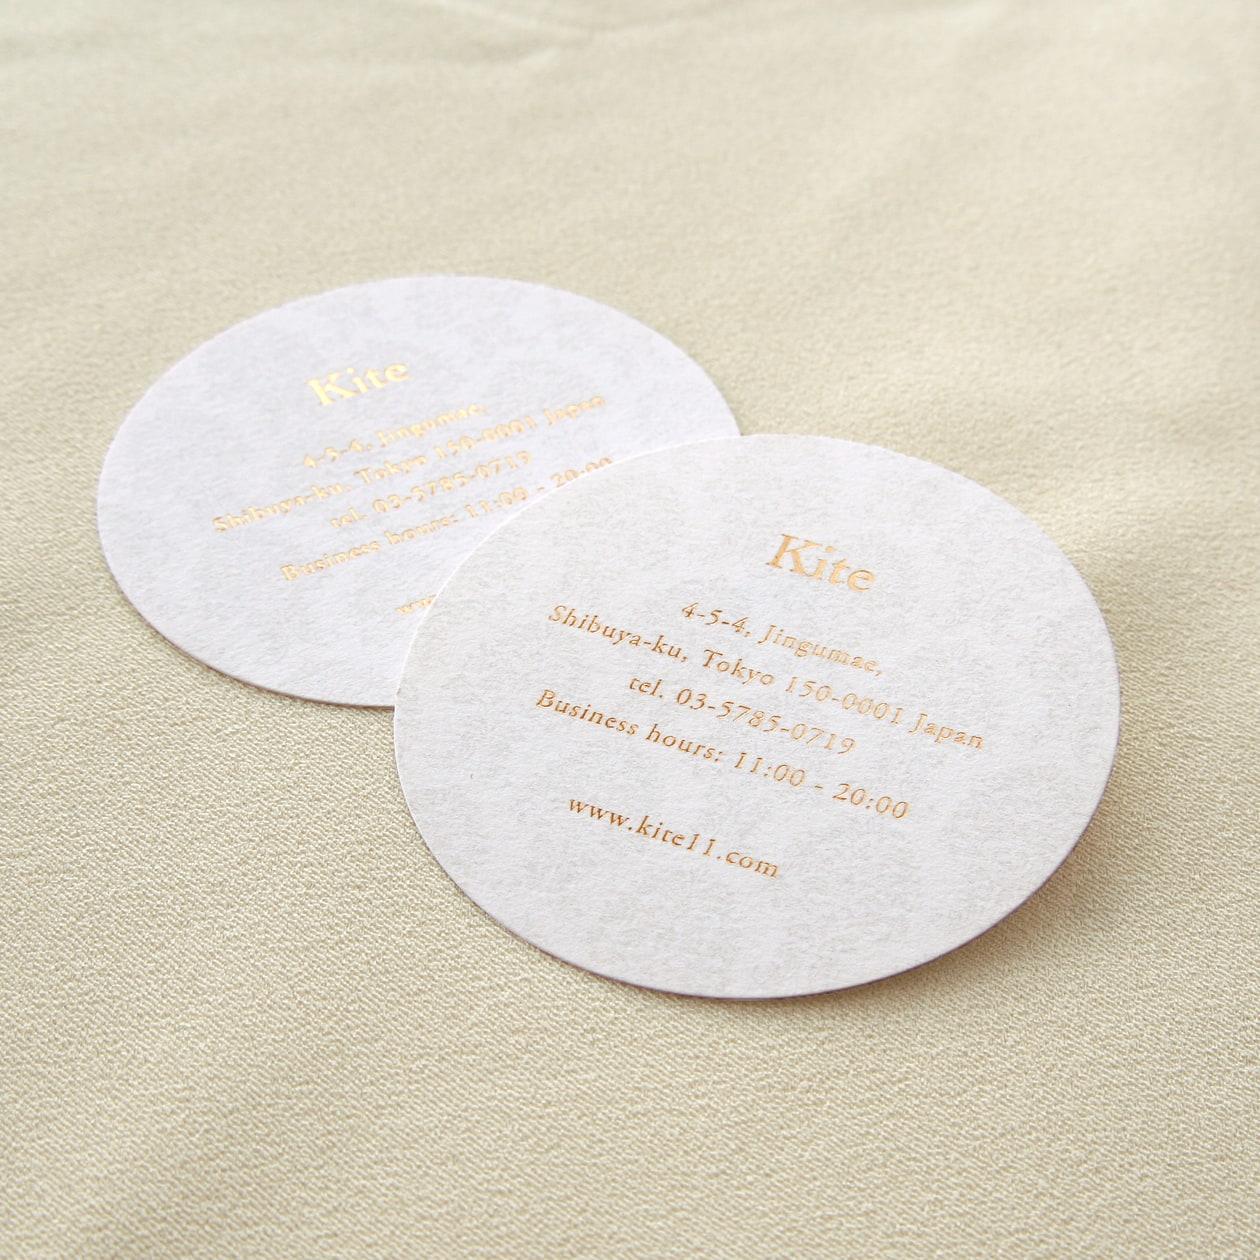 パターン柄印刷+ダイカットの名刺・ショップカード